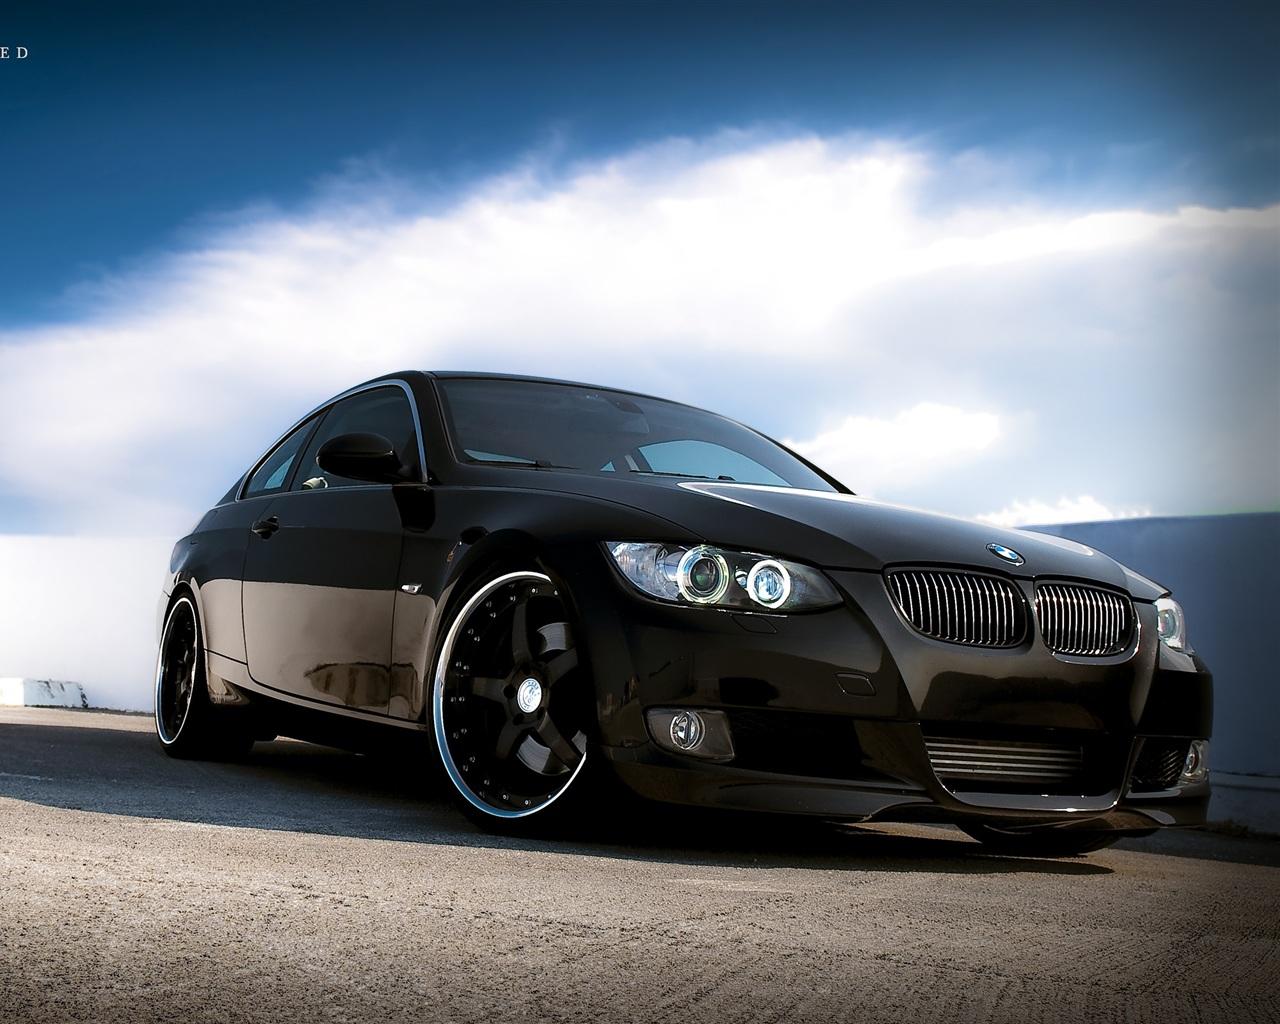 壁紙 BMW車のブラックカラー 2560x1600 HD 無料のデスクトップの背景, 画像